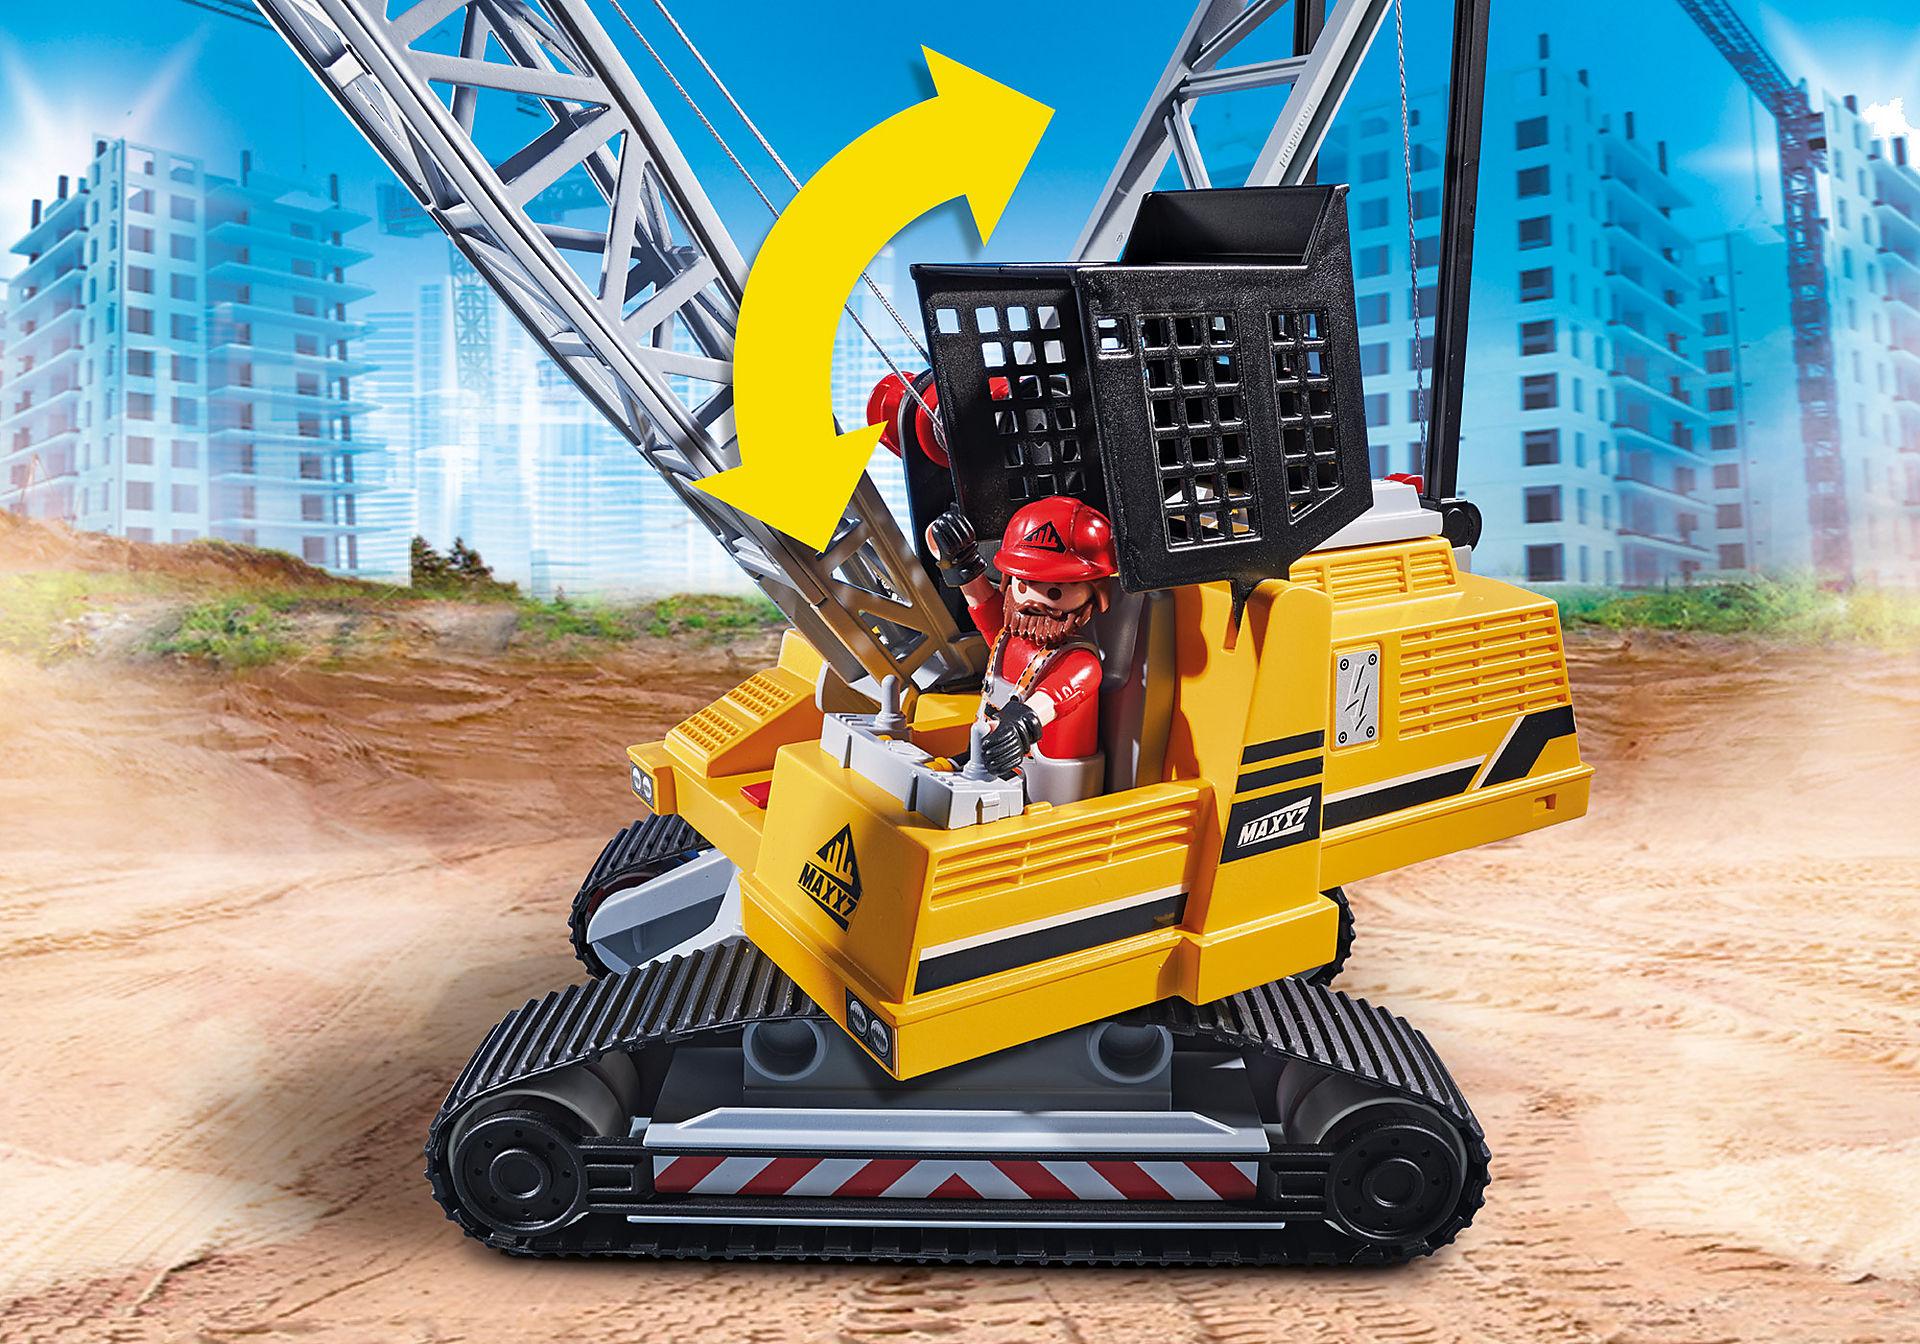 70442 Kabelgraafmachine met bouwonderdeel zoom image6